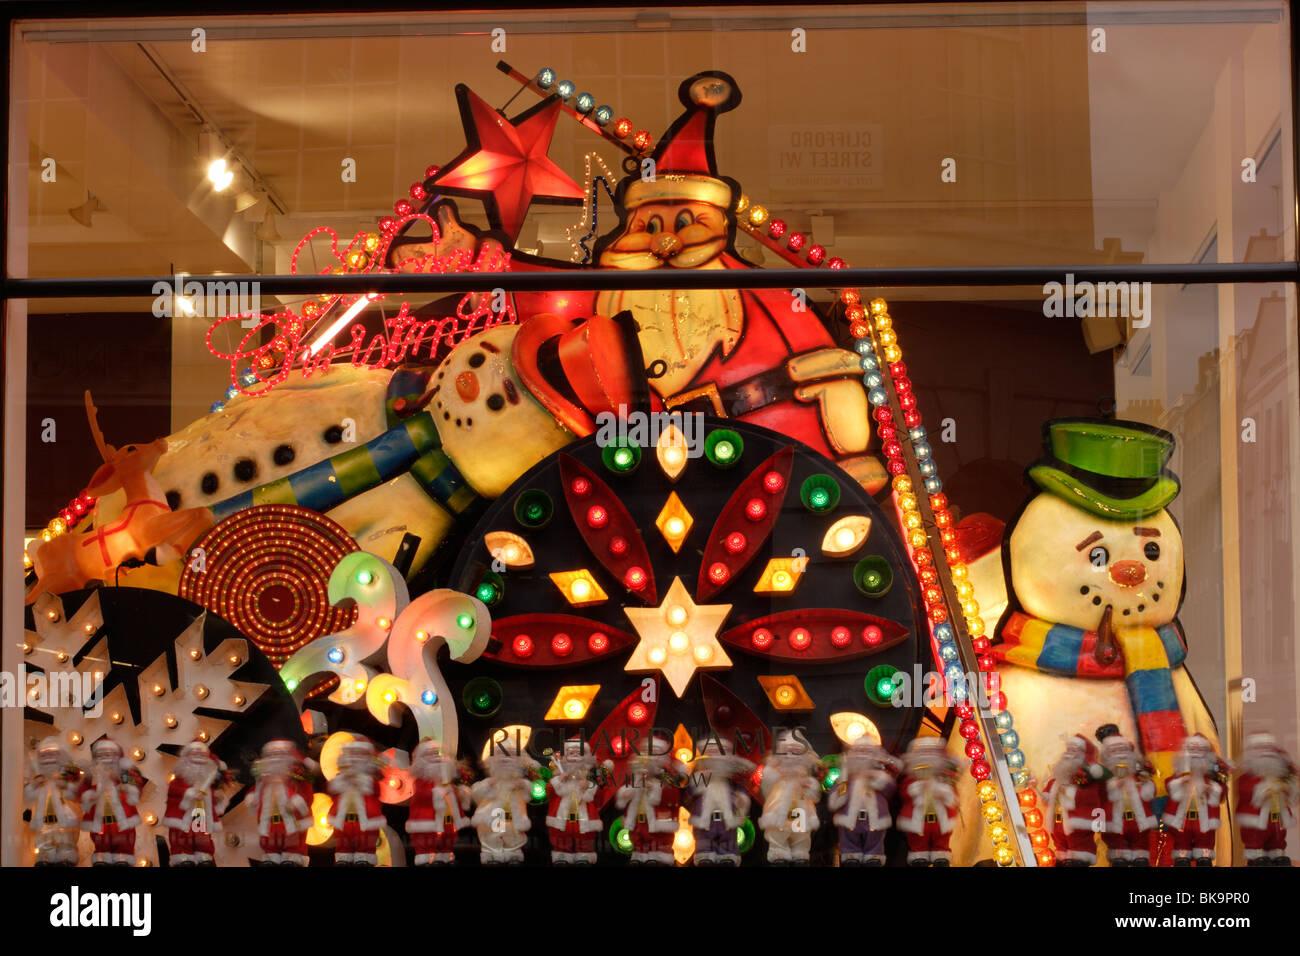 Richard James, Saville Row Christmas window display. - Stock Image